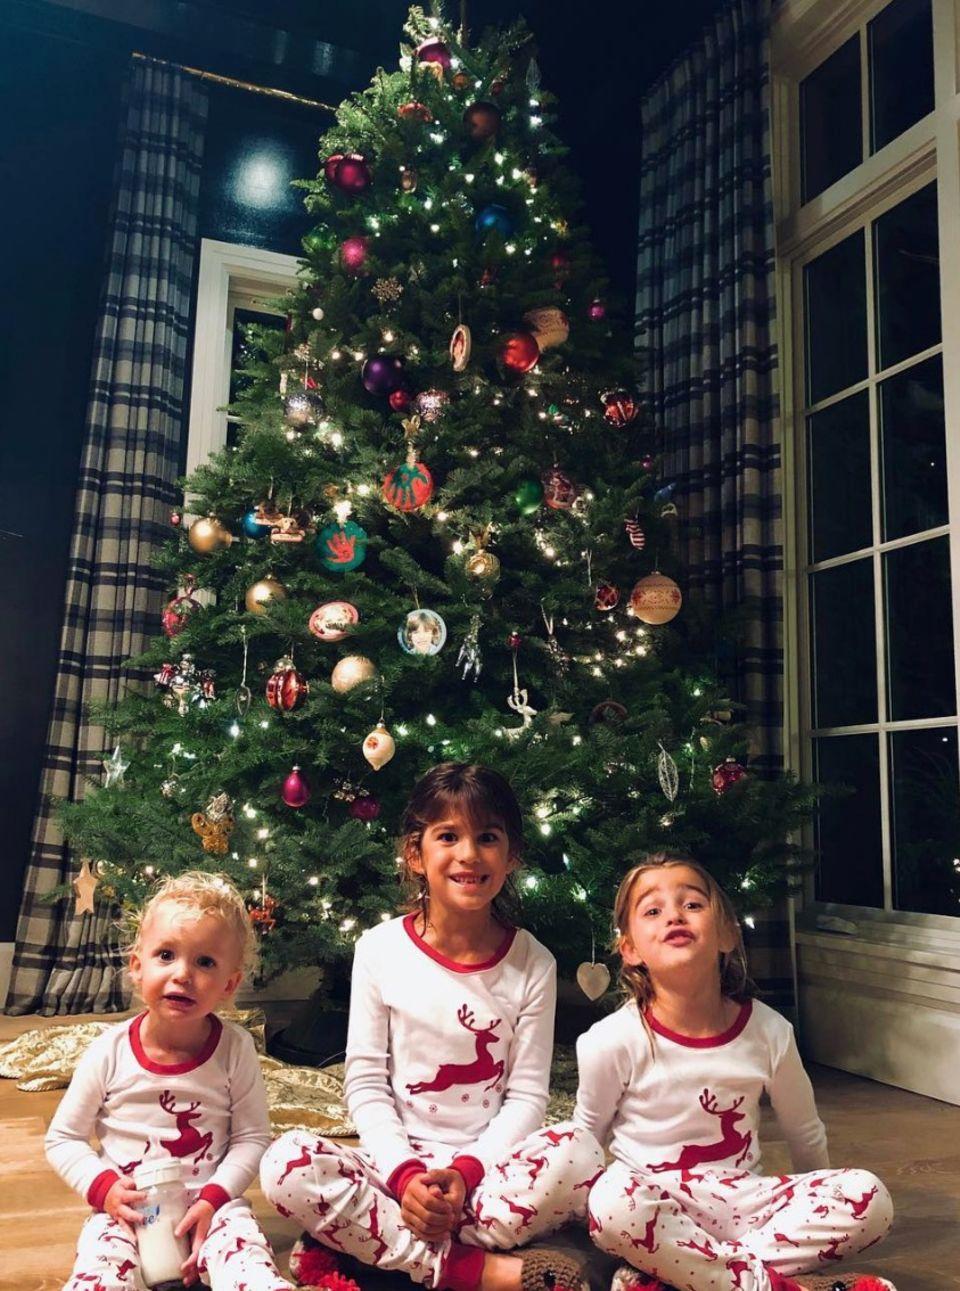 Die drei Kinder von Schauspielerin Molly Sims können es gar nicht abwarten, bis der Weihnachtsmann endlich ins Haus geschneit kommt. Das Highlight auf diesem süßen Schnappschuss: die Rentier-Schuhe!